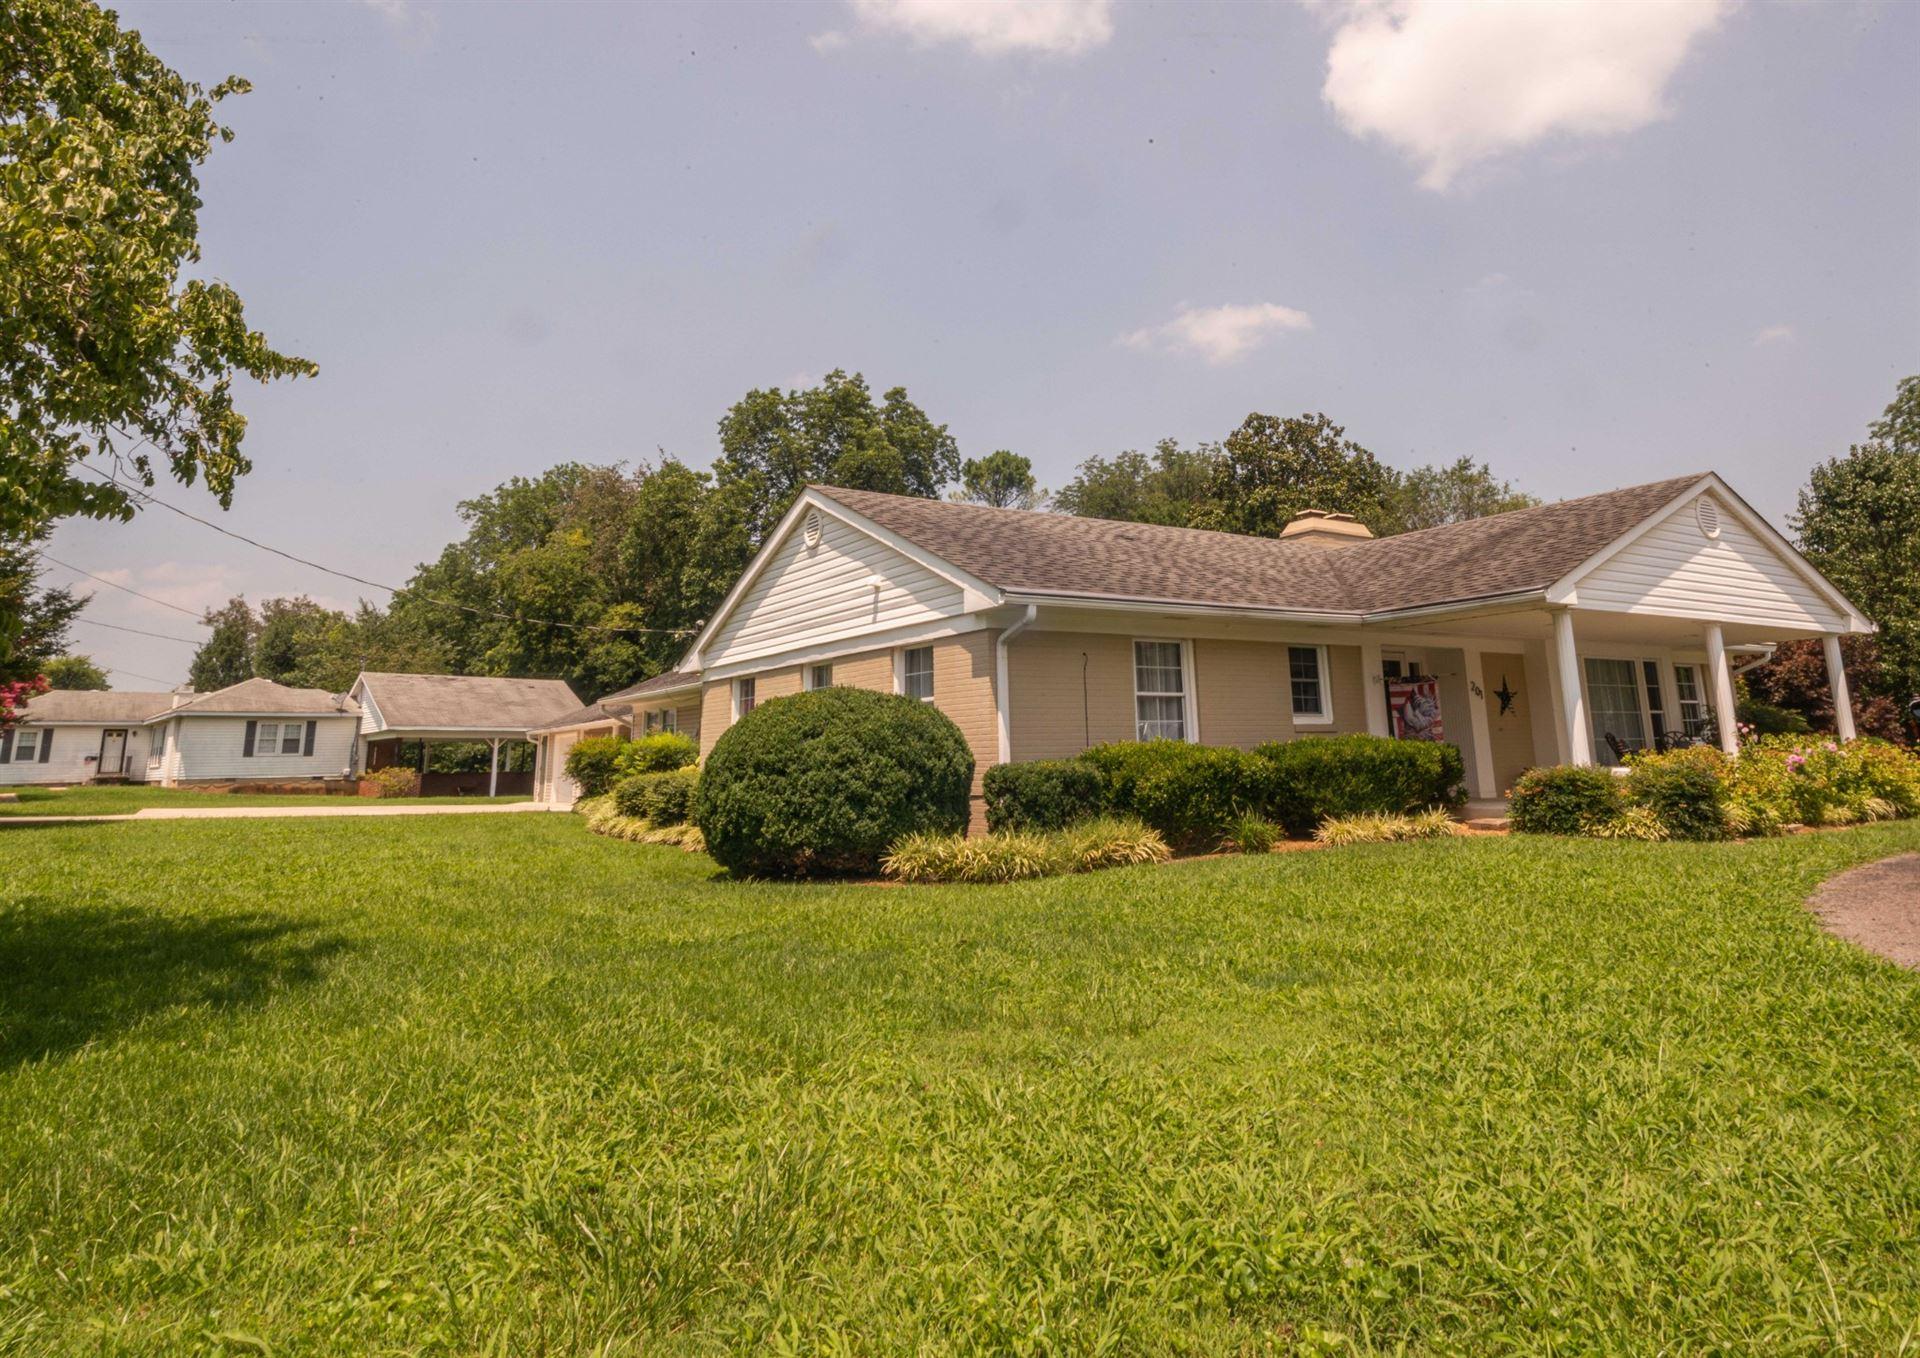 201 8th Ave SE, Winchester, TN 37398 - MLS#: 2274702